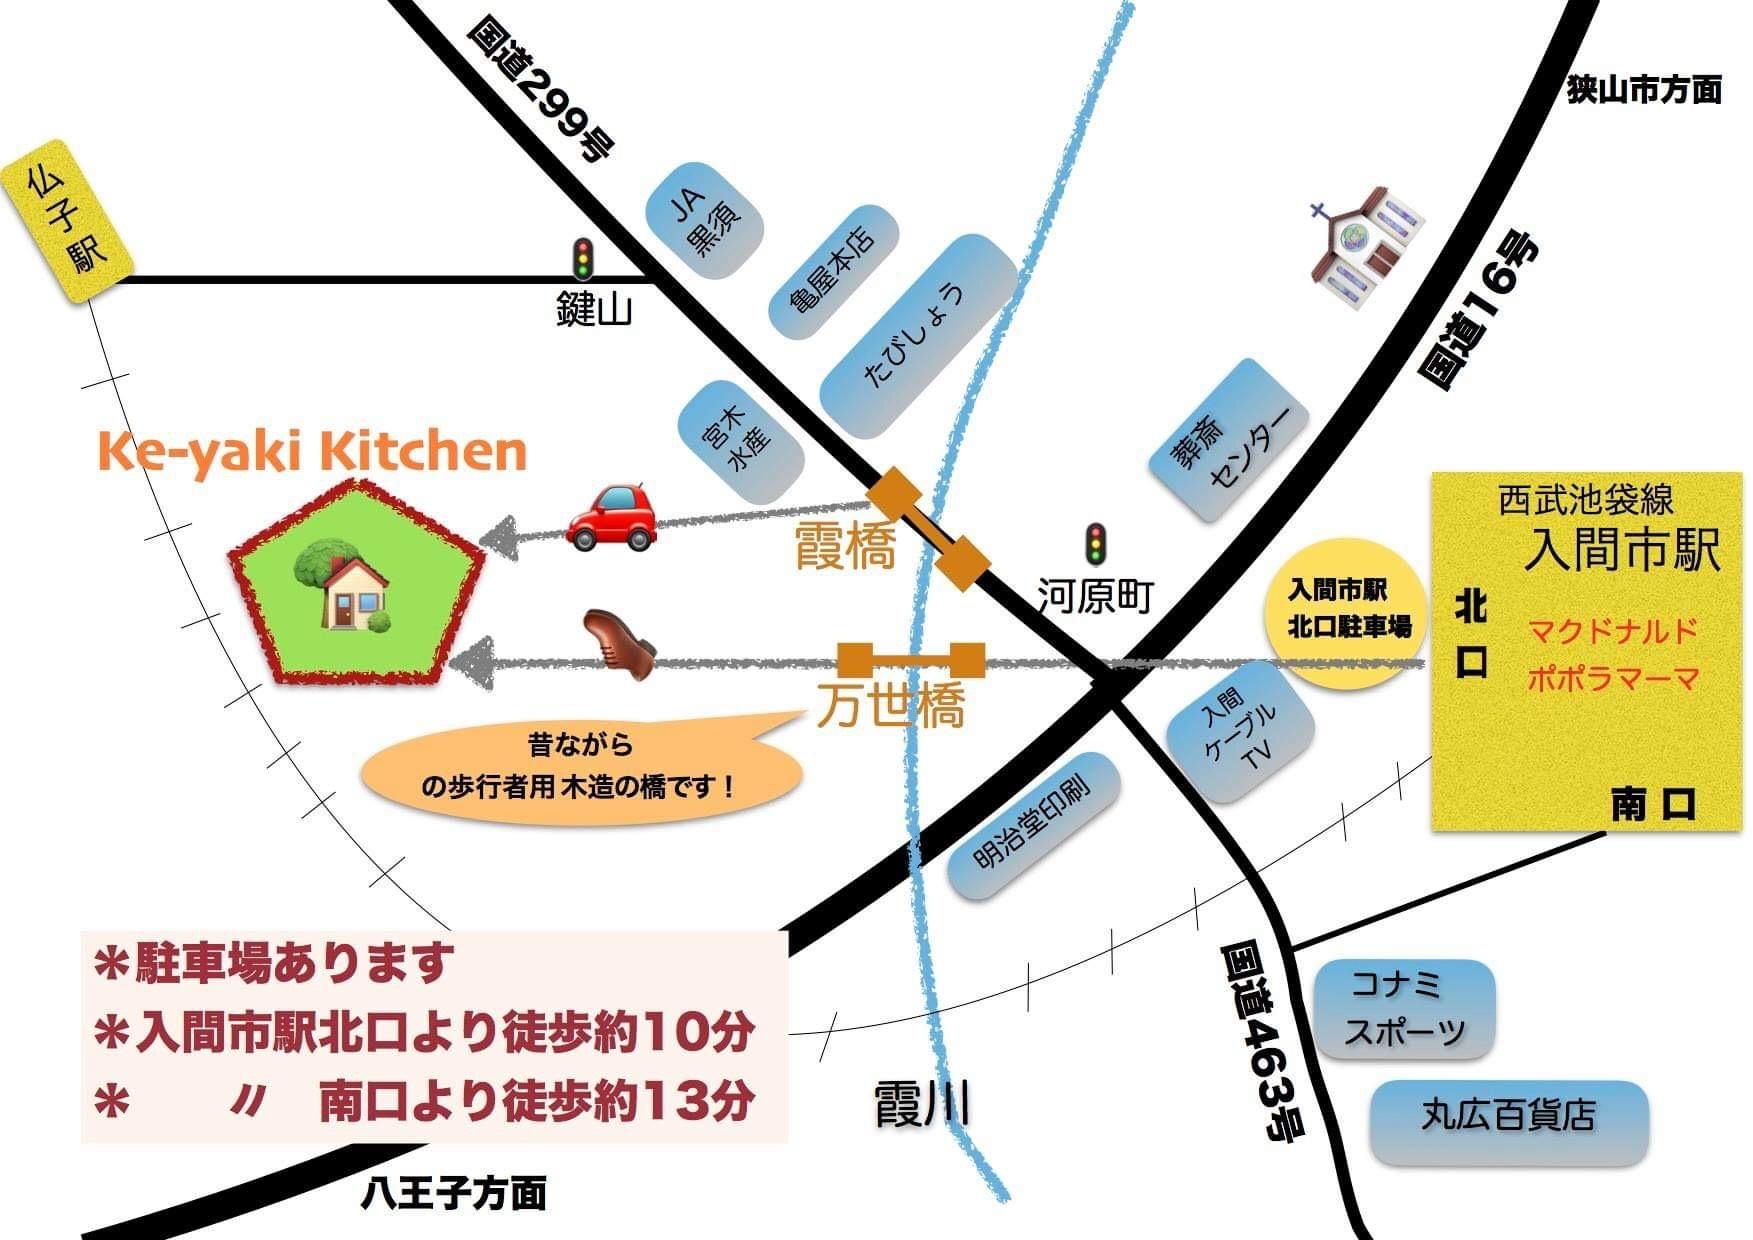 入間市 Keyaki-Kichen ライブのお知らせ_f0196496_12074024.jpeg